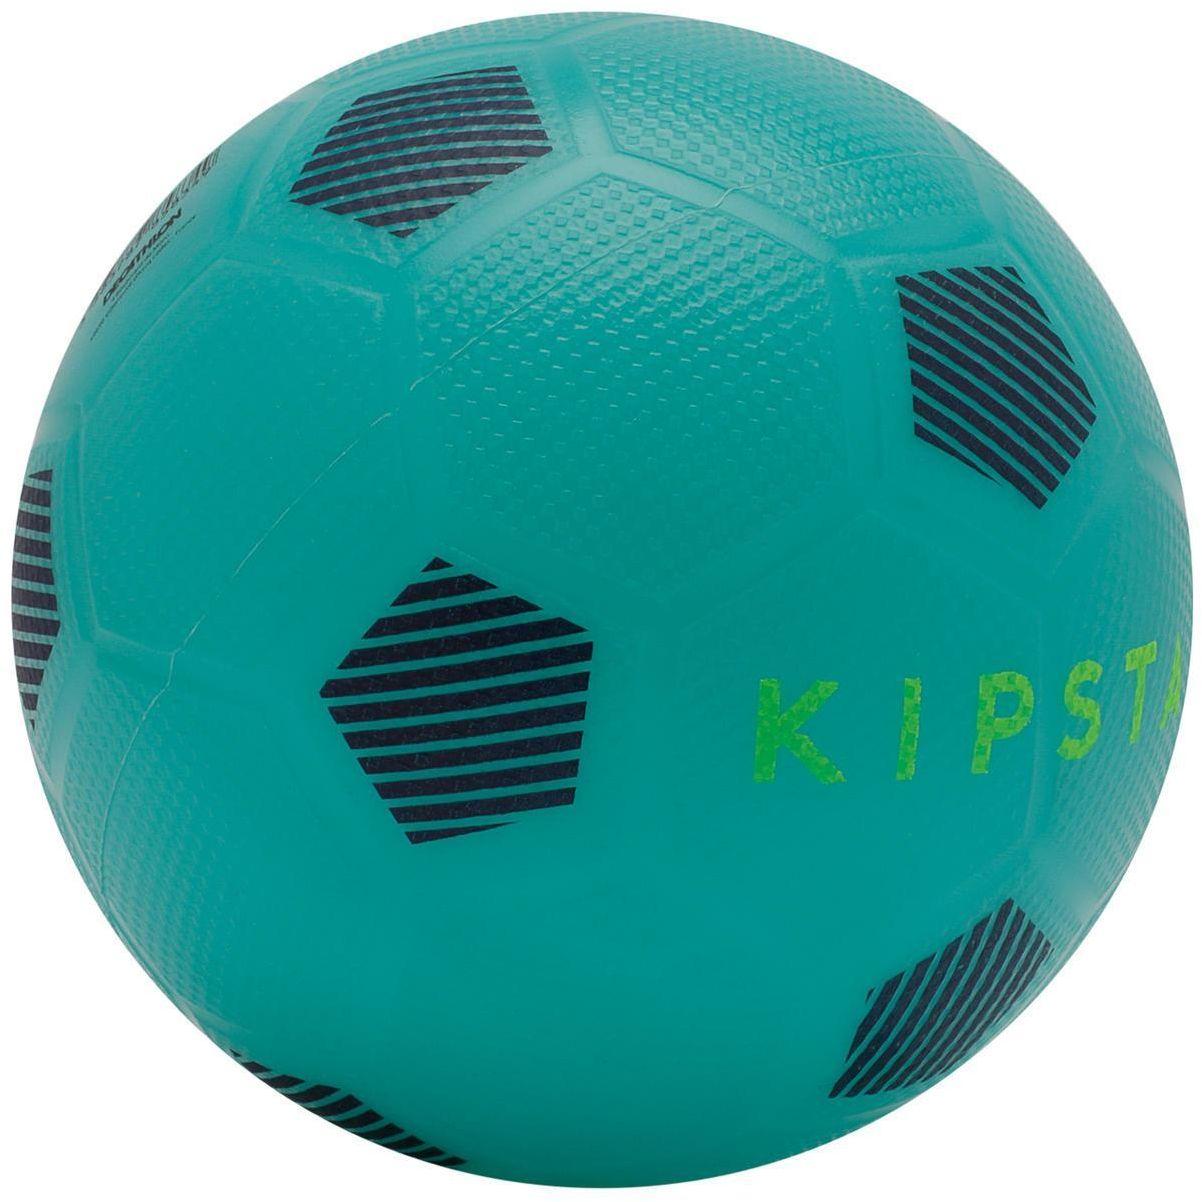 Minipiłka do piłki nożnej Kipsta Sunny 300 rozmiar 1